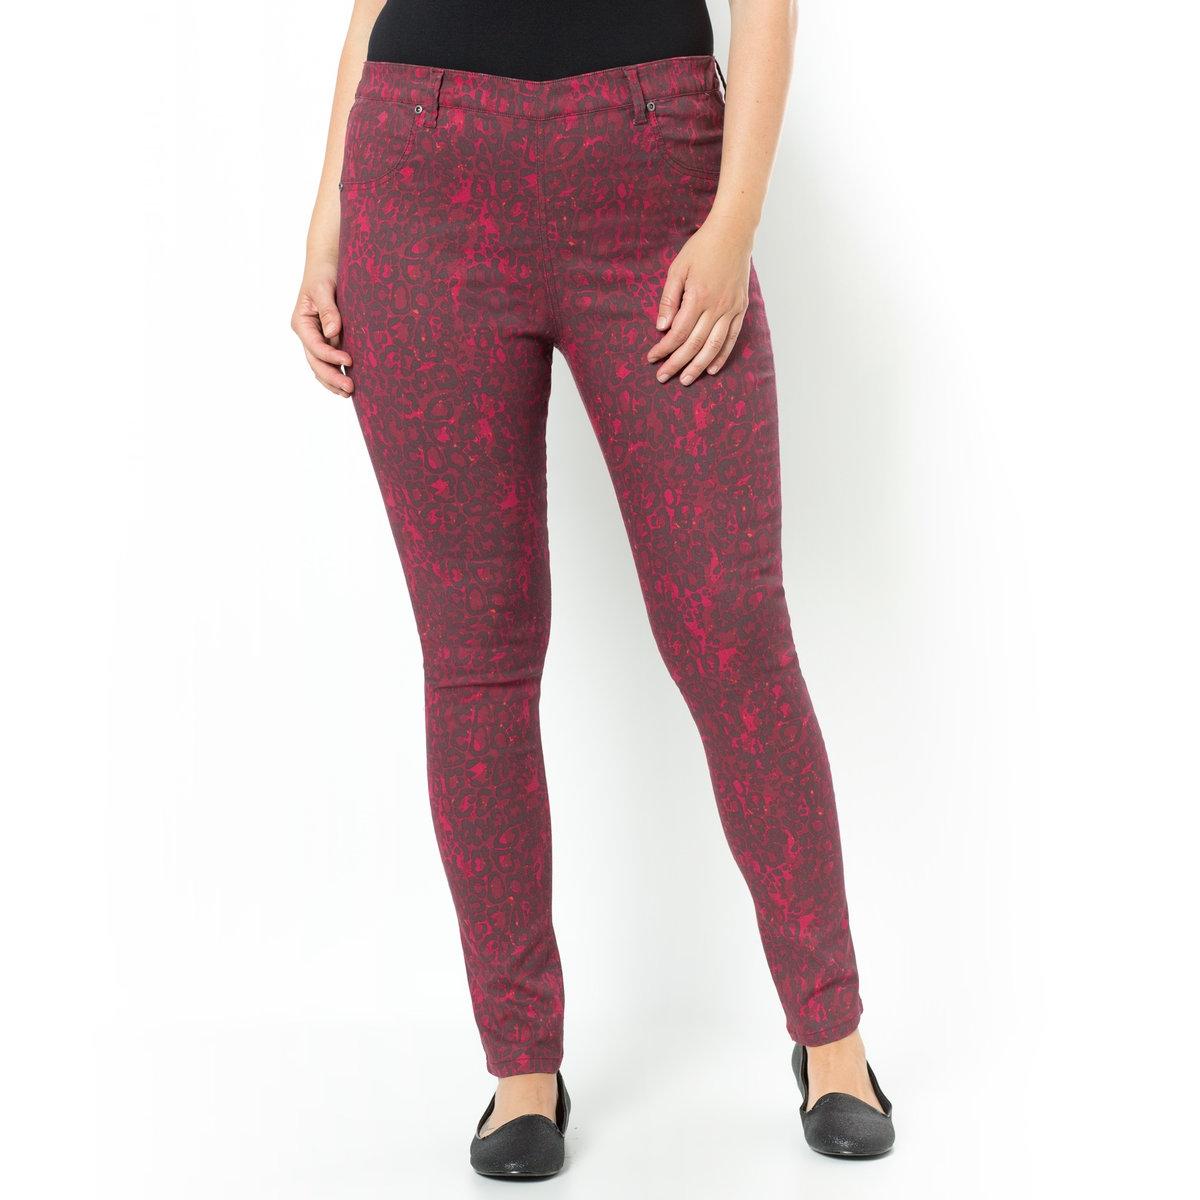 ДжеггинсыДжеггинсы. Незаменимая вещь в любом гардеробе ! Невероятно удобные в носке благодаря эластичному поясу. Ложные карманы спереди и накладные карманы сзади. Стрейчевый материал из 65% хлопка, 33% полиэстера, 2% эластана. Длина по внутр.шву 78 см, ширина по низу 14 см.<br><br>Цвет: леопард бордовый<br>Размер: 54 (FR) - 60 (RUS).56 (FR) - 62 (RUS).58 (FR) - 64 (RUS)